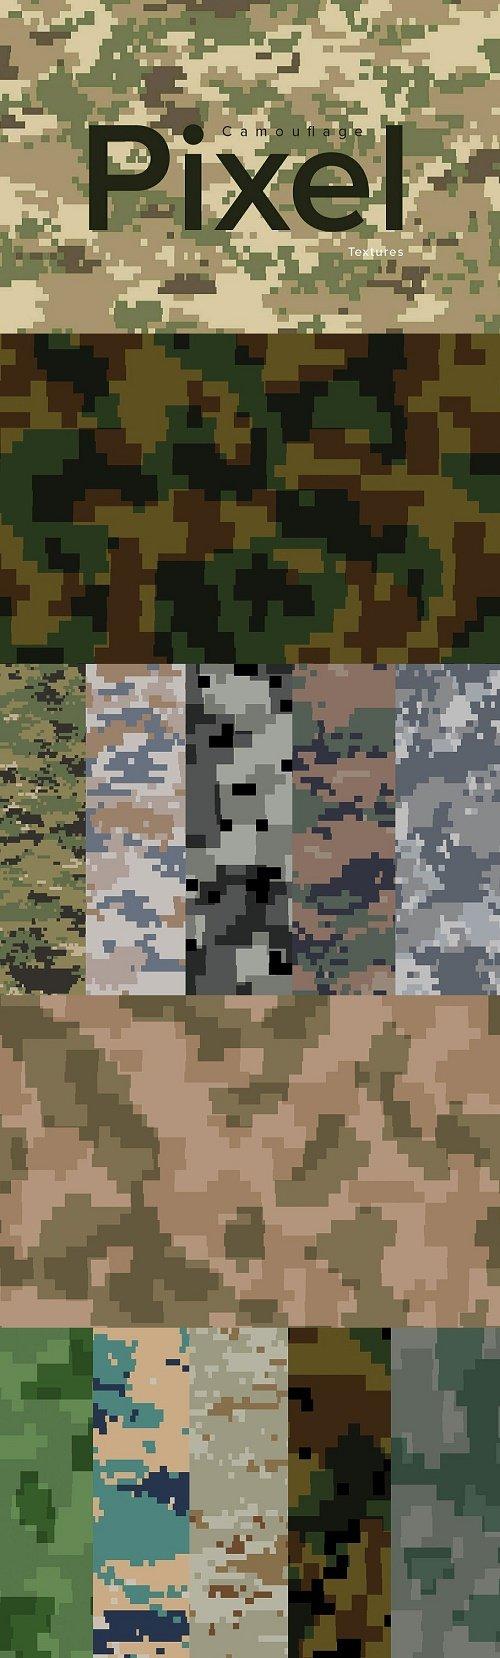 Pixel camouflage textures - 3918280